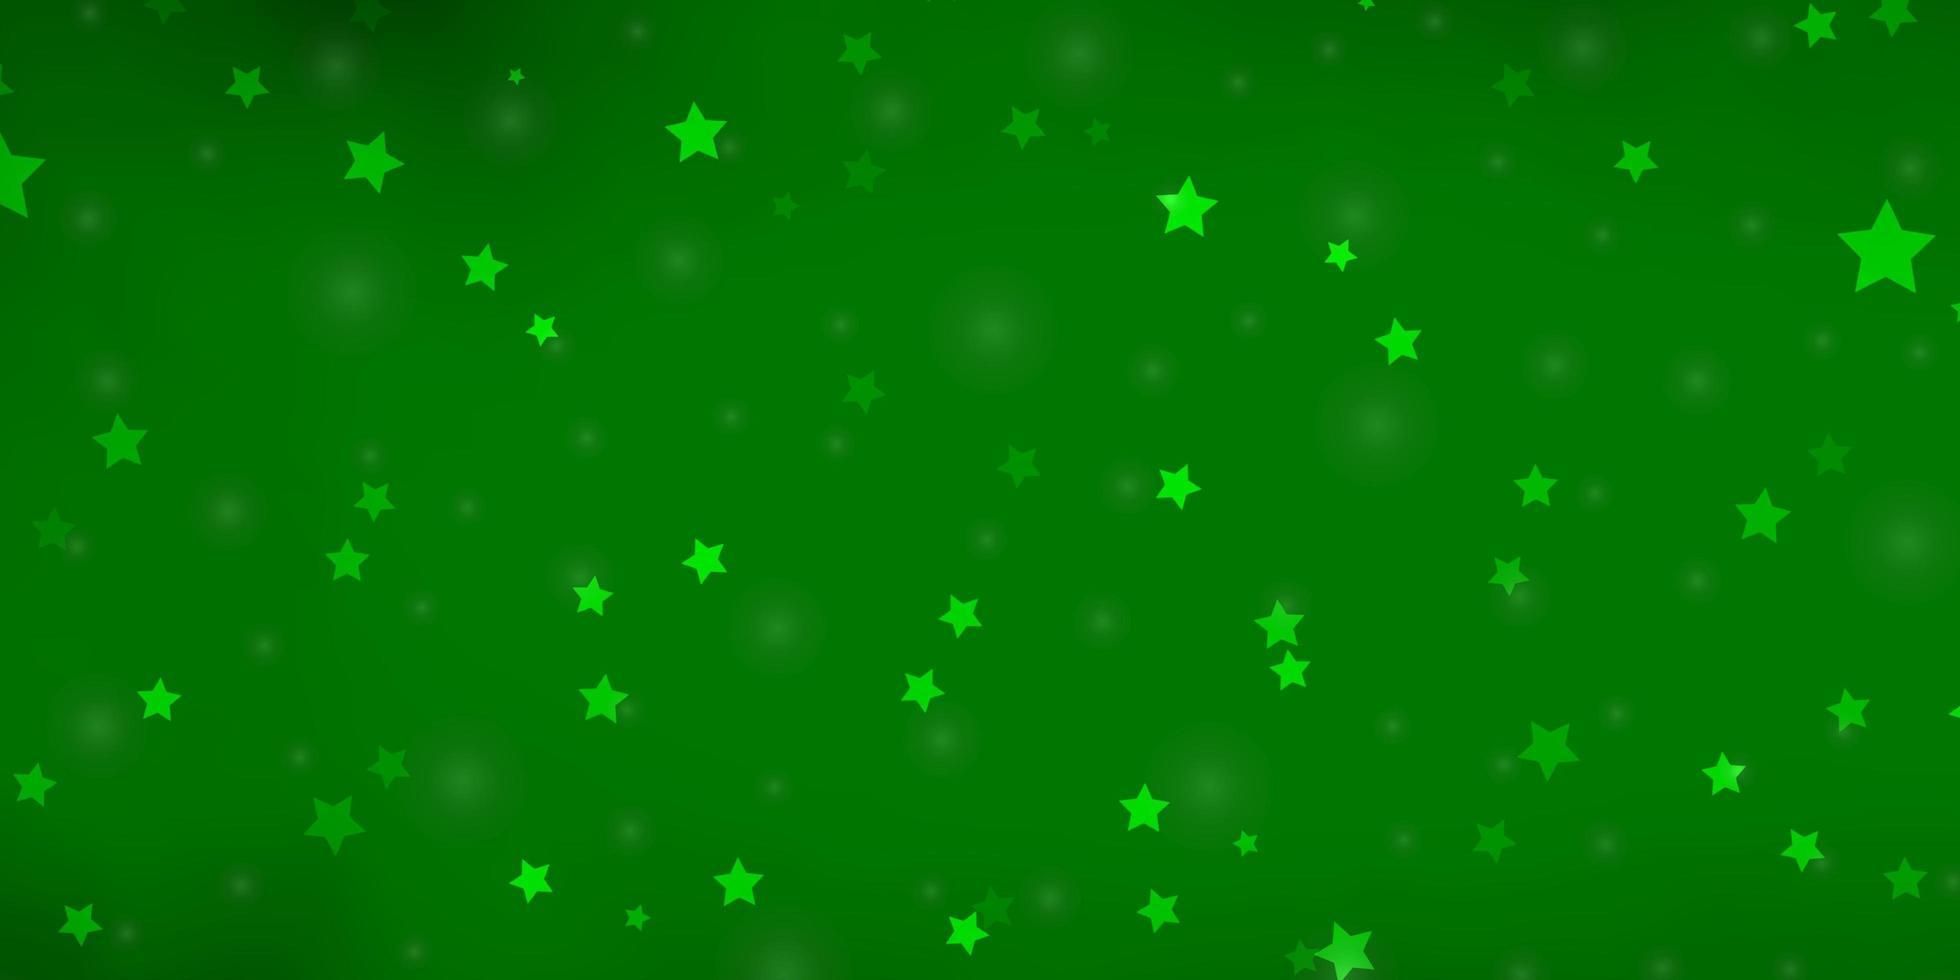 tessitura verde chiaro con bellissime stelle. vettore